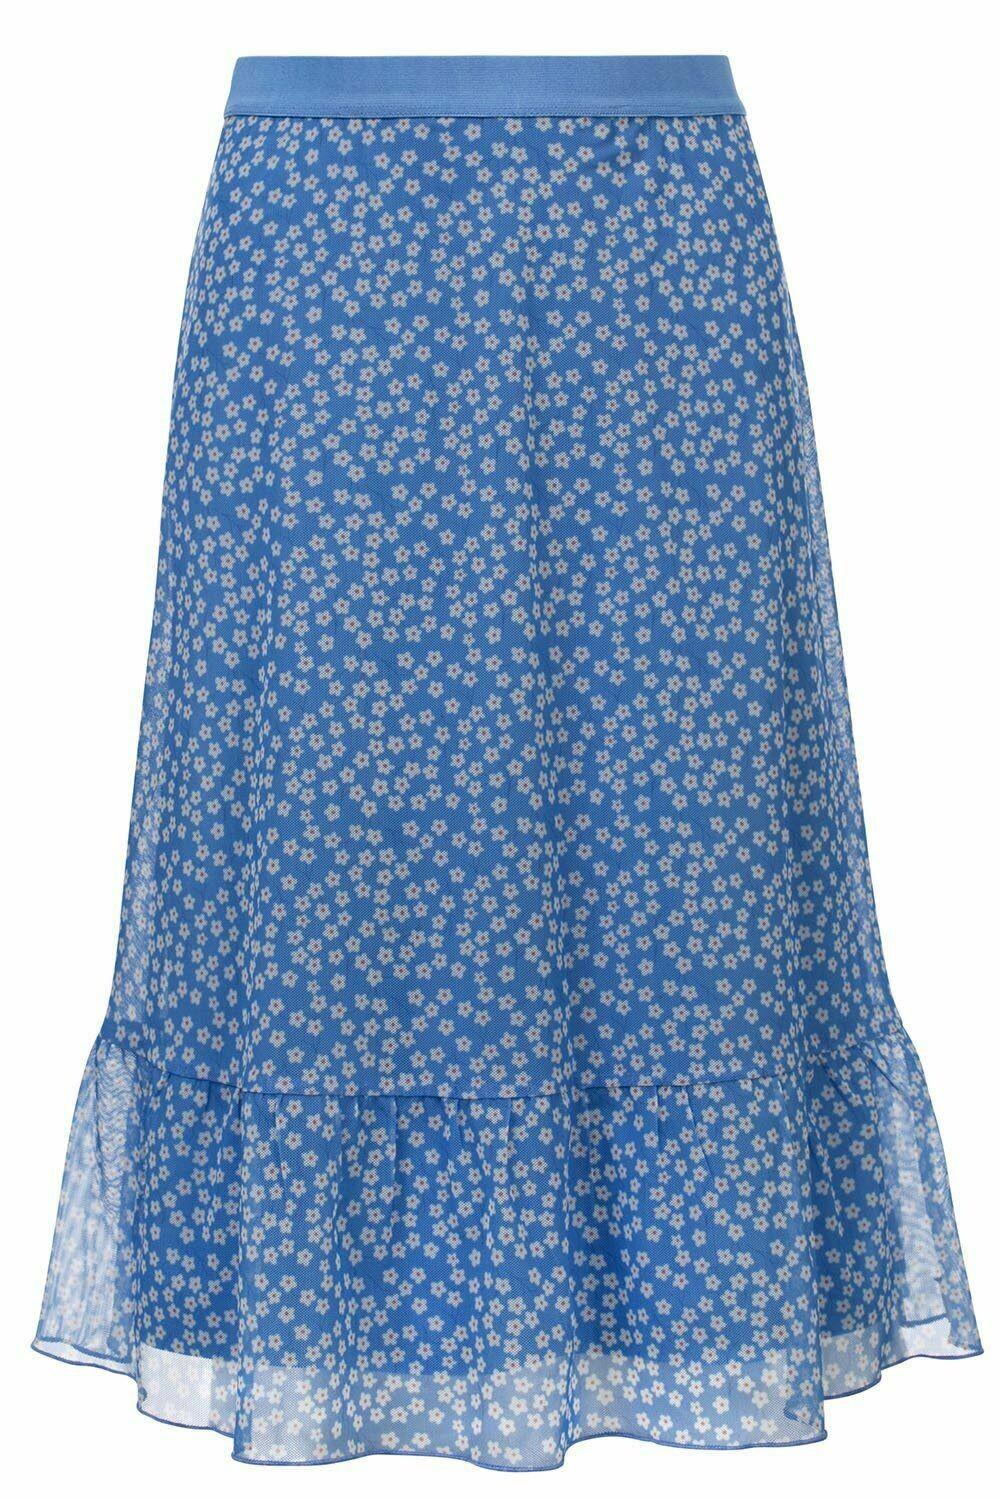 Looxs Skirt Flower Blue & White